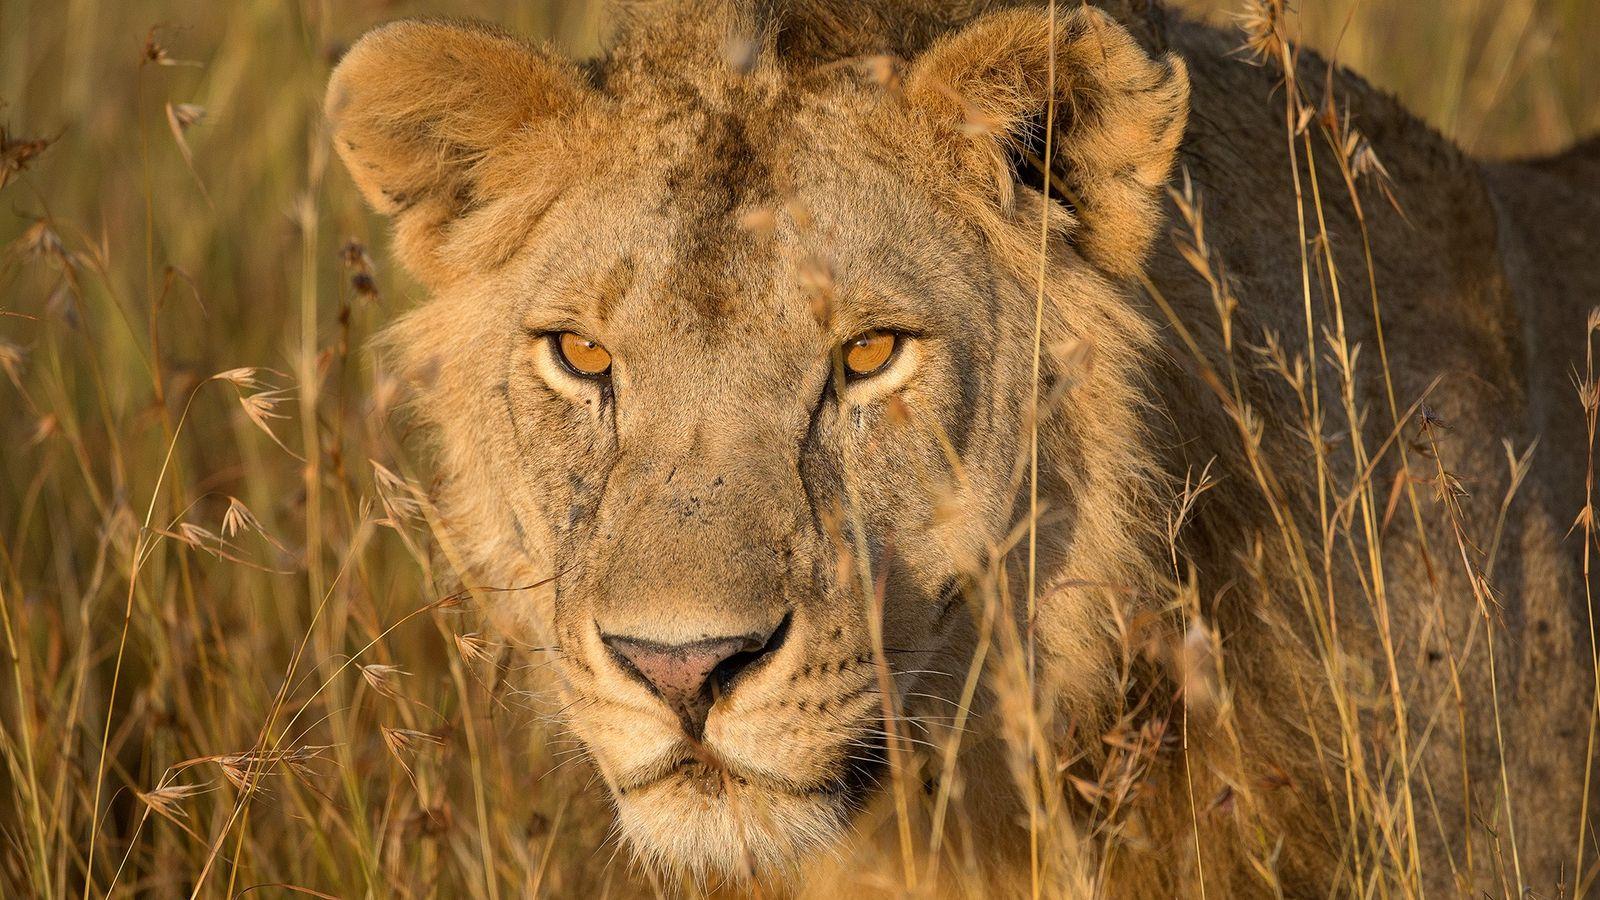 Na Tanzânia, um leão-africano move-se entre a vegetação ao nascer do sol.